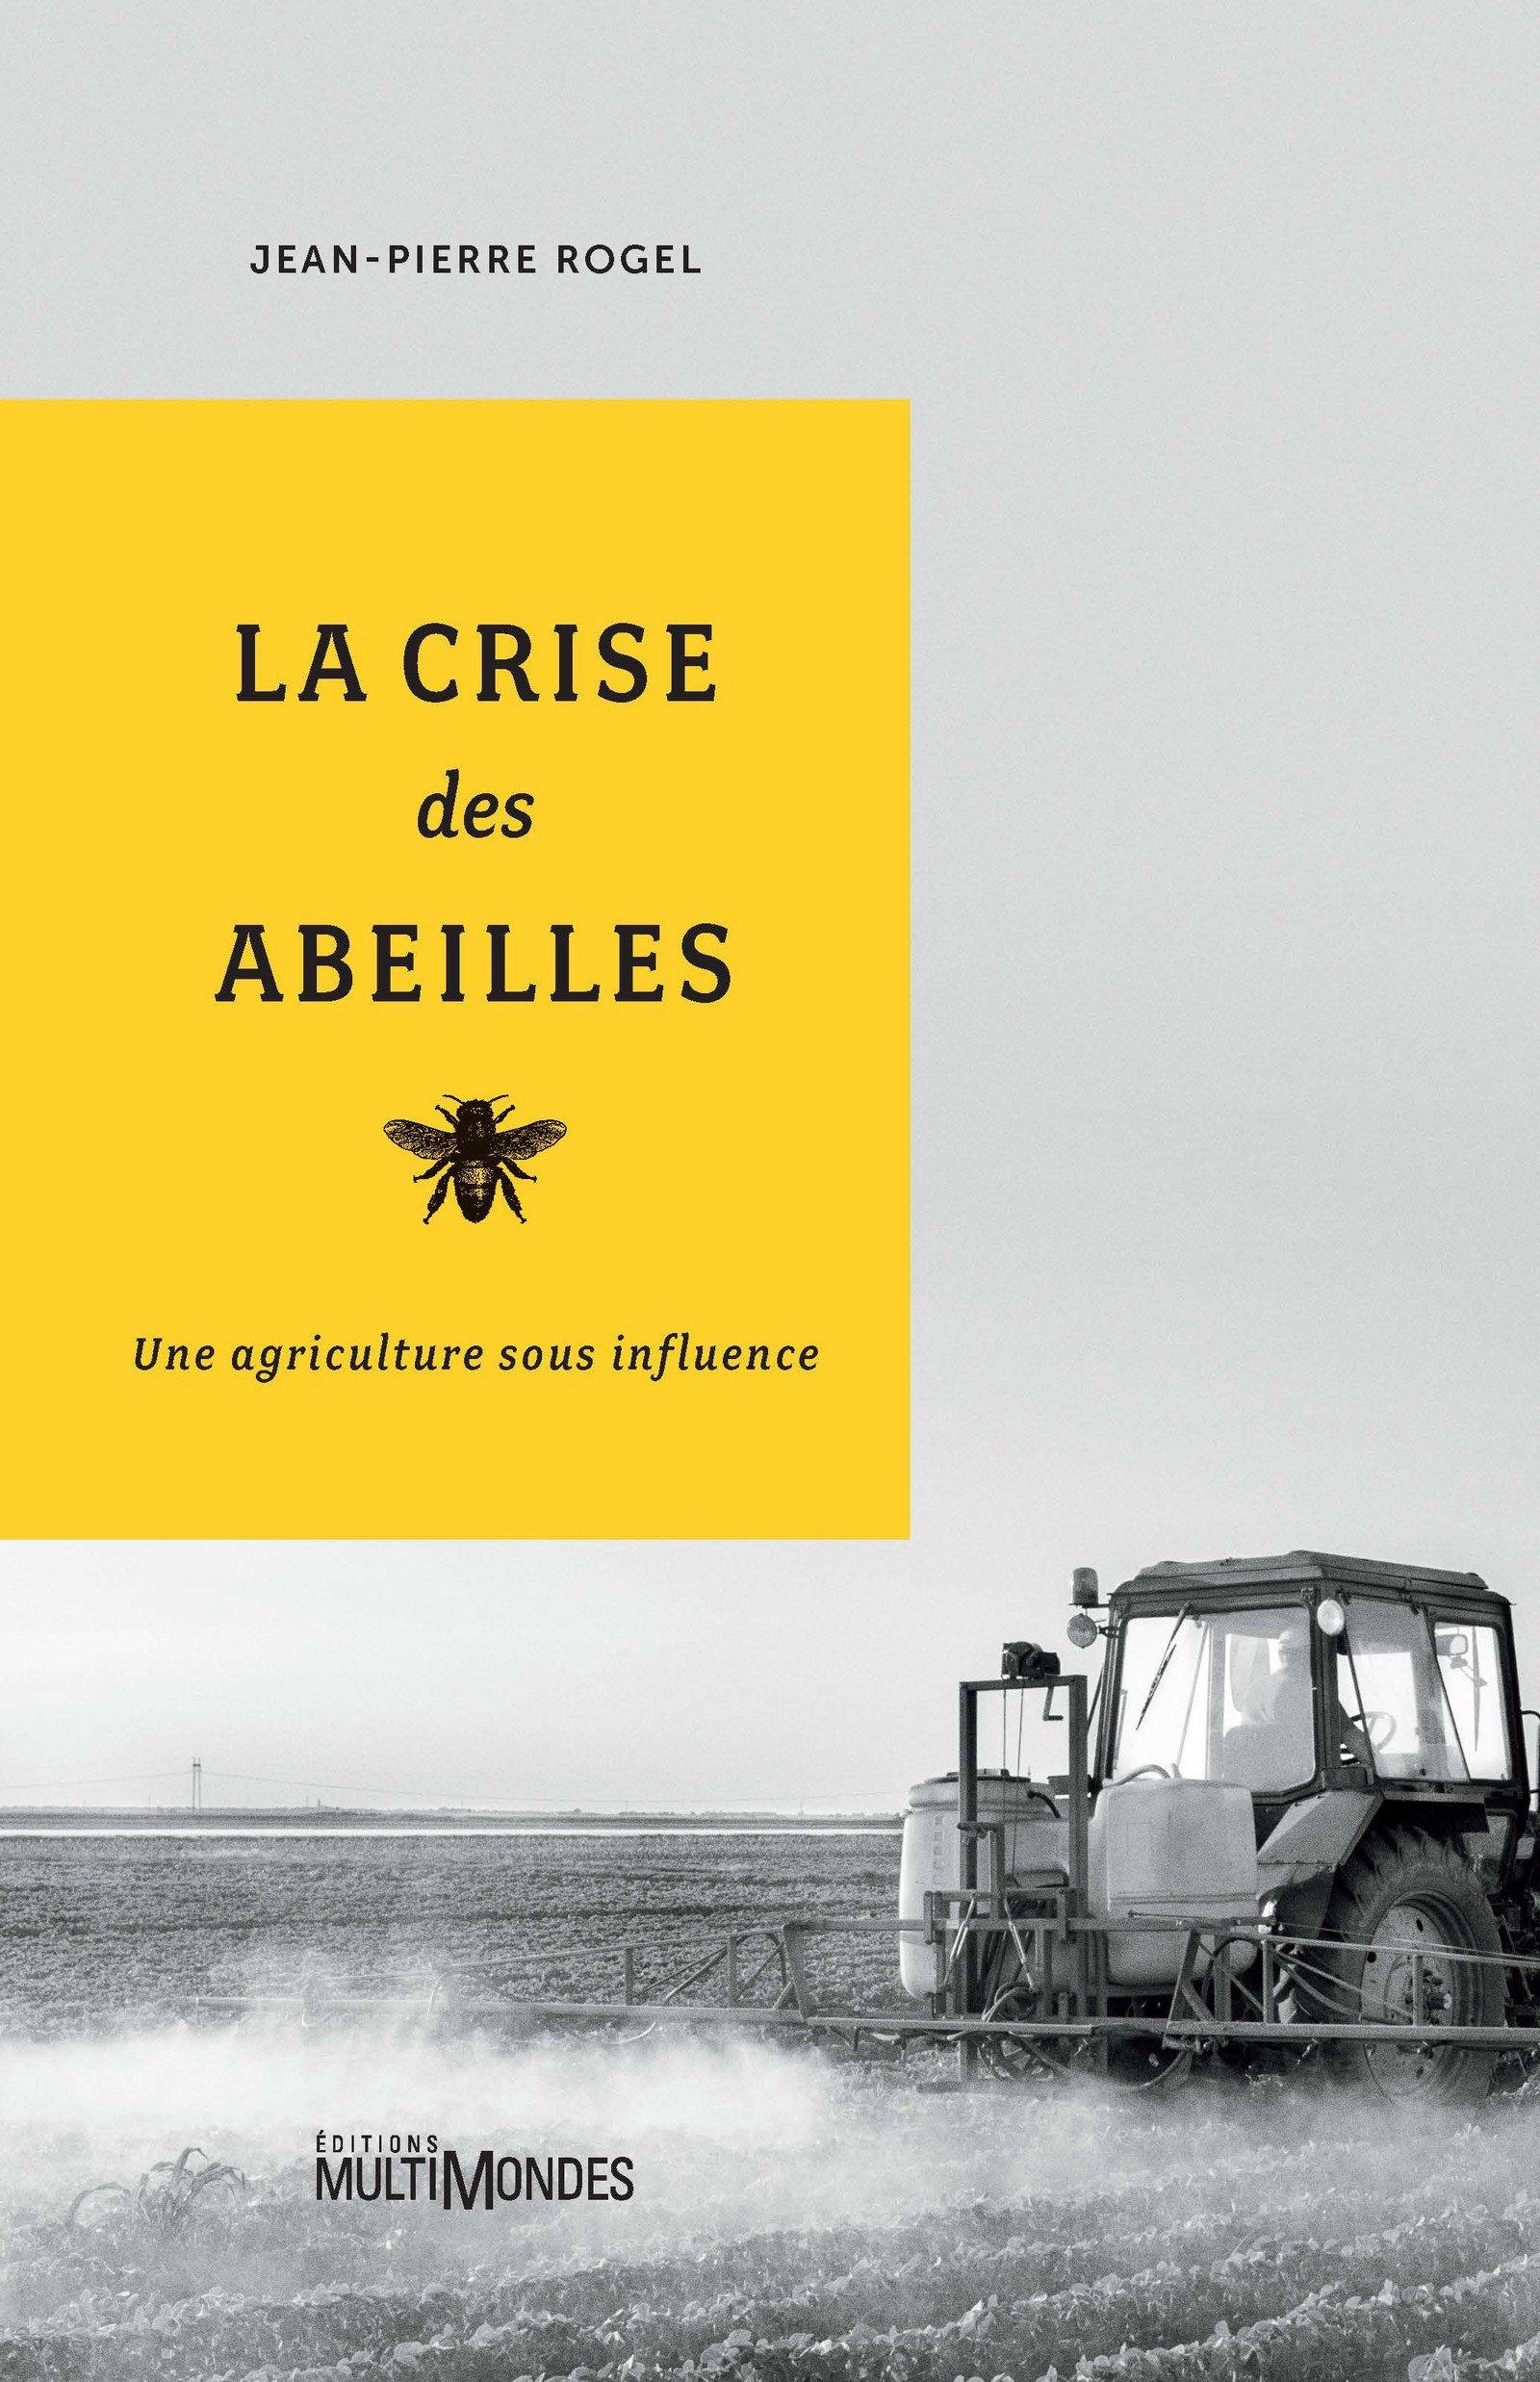 La crise des abeilles: Une agriculture sous influence Broché – 22 février 2018 Jean-Pierre Rogel Editions MultiMondes 2897730439 Animaux